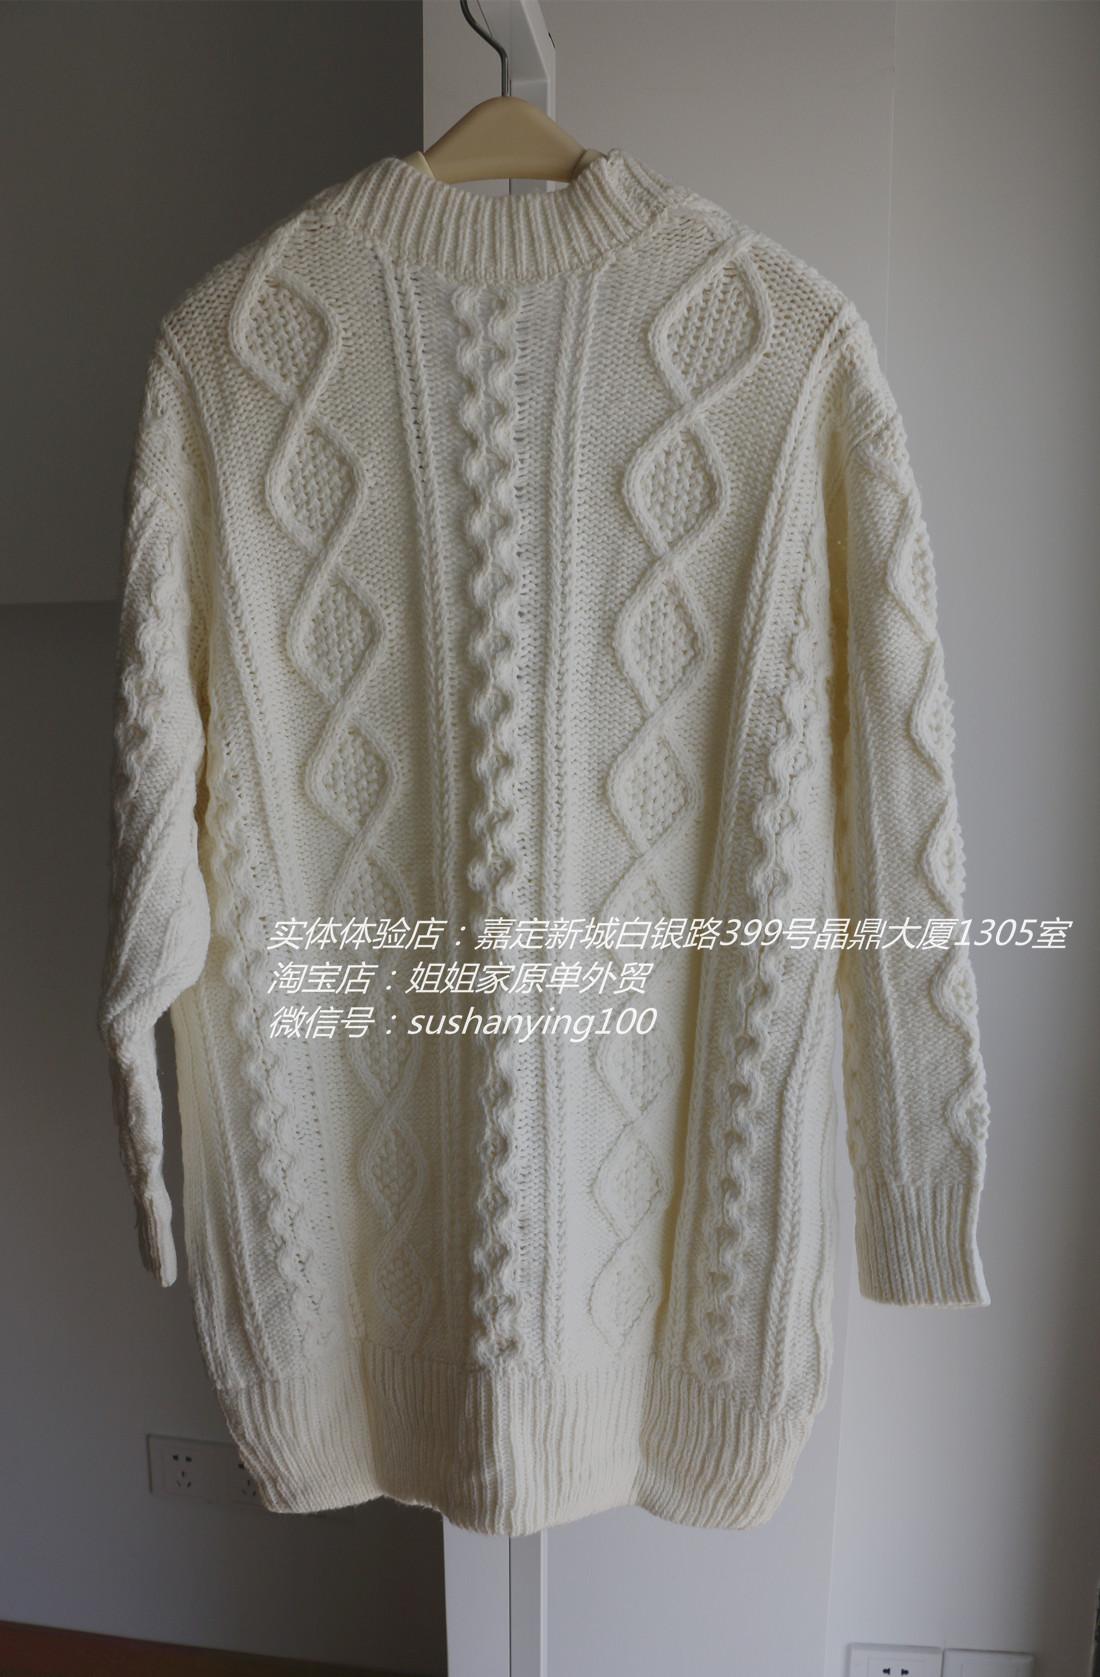 白色粗棒针 菱形麻花纹 开衫式毛线衣外套 中长宽松款